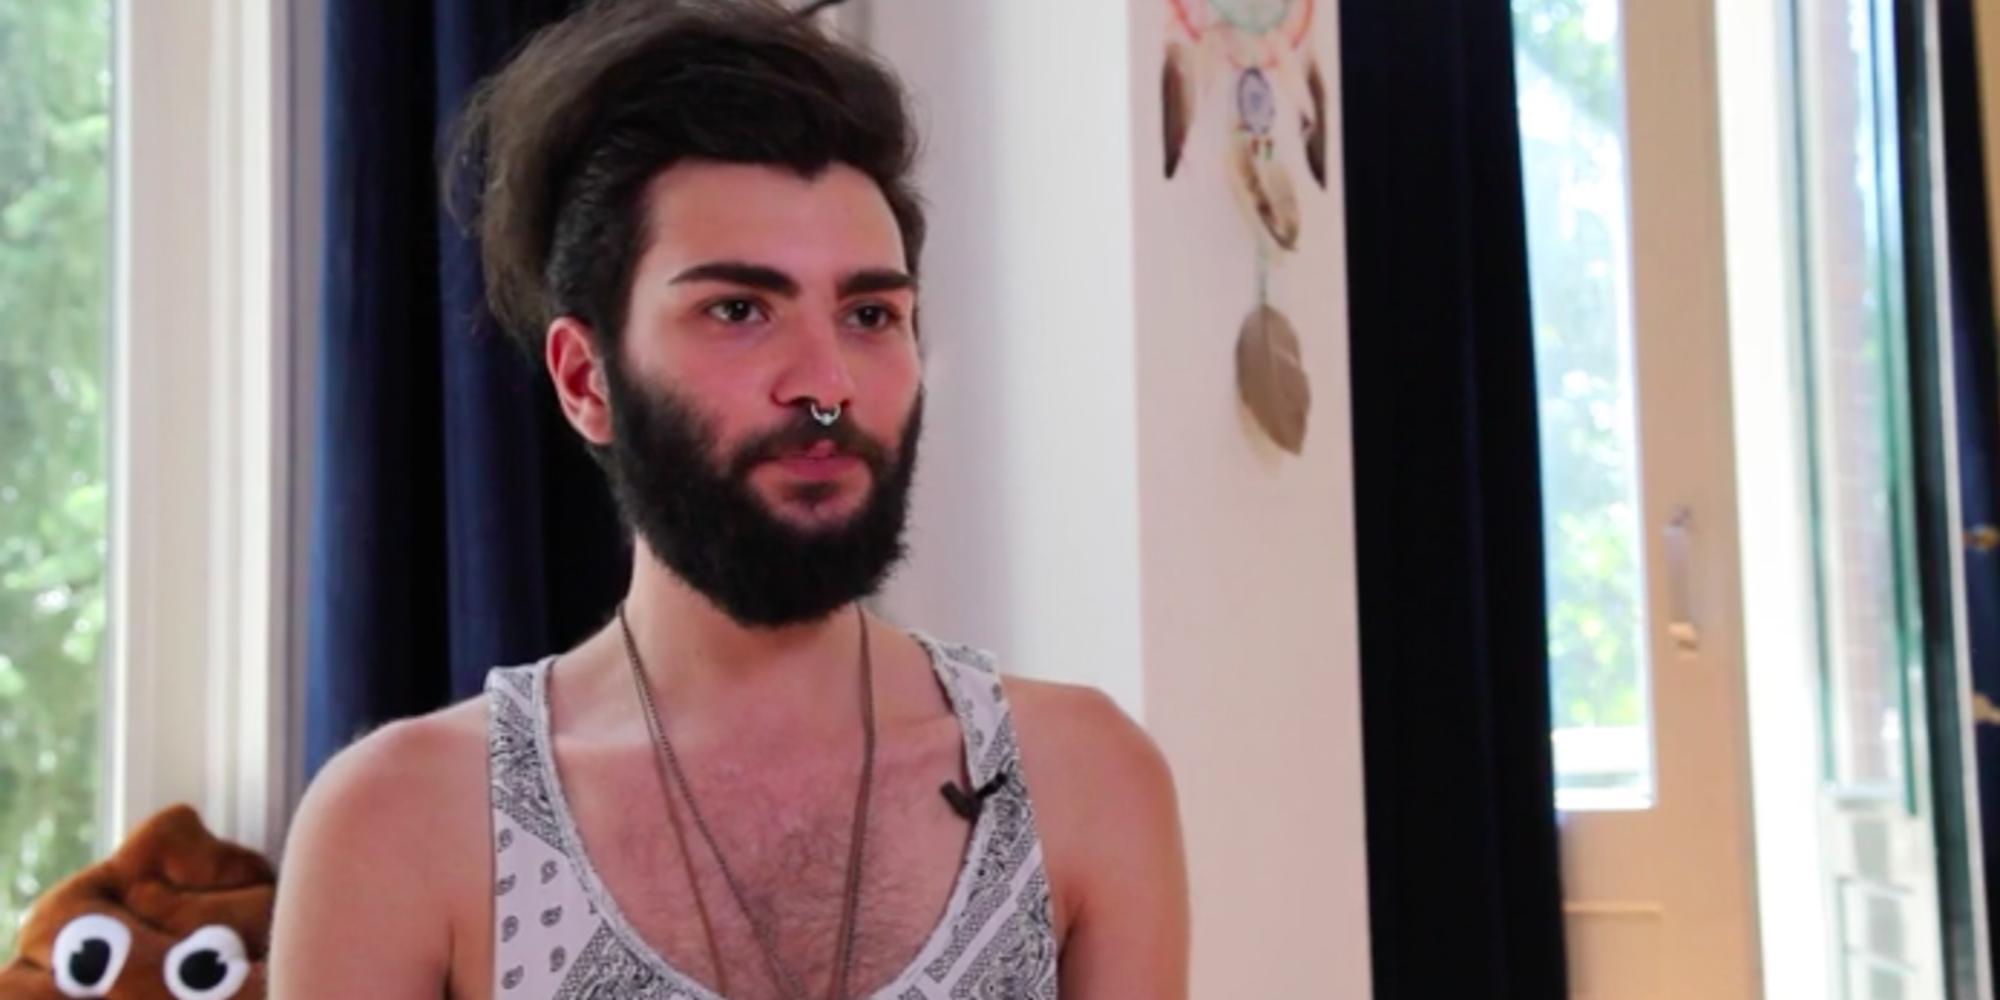 Suriyeli Eşcinsel Mülteci 'Biz Sadece Yaşamak İçin Çabalıyoruz..'